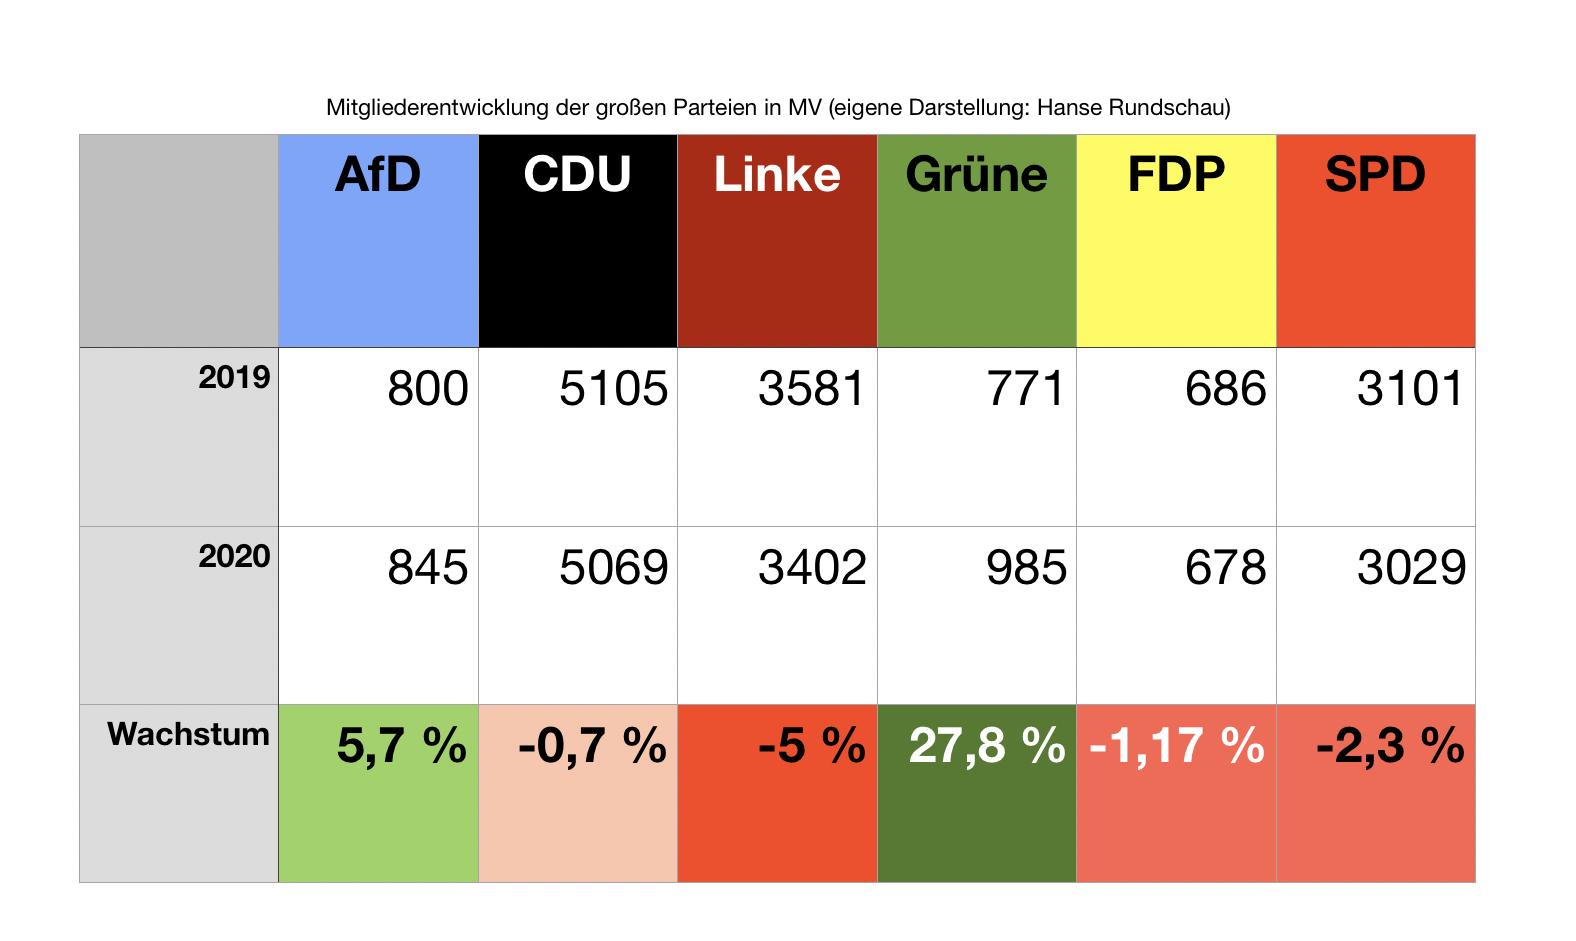 MV-Mitglieder: Grüne +27,8 %, AfD +5,7%